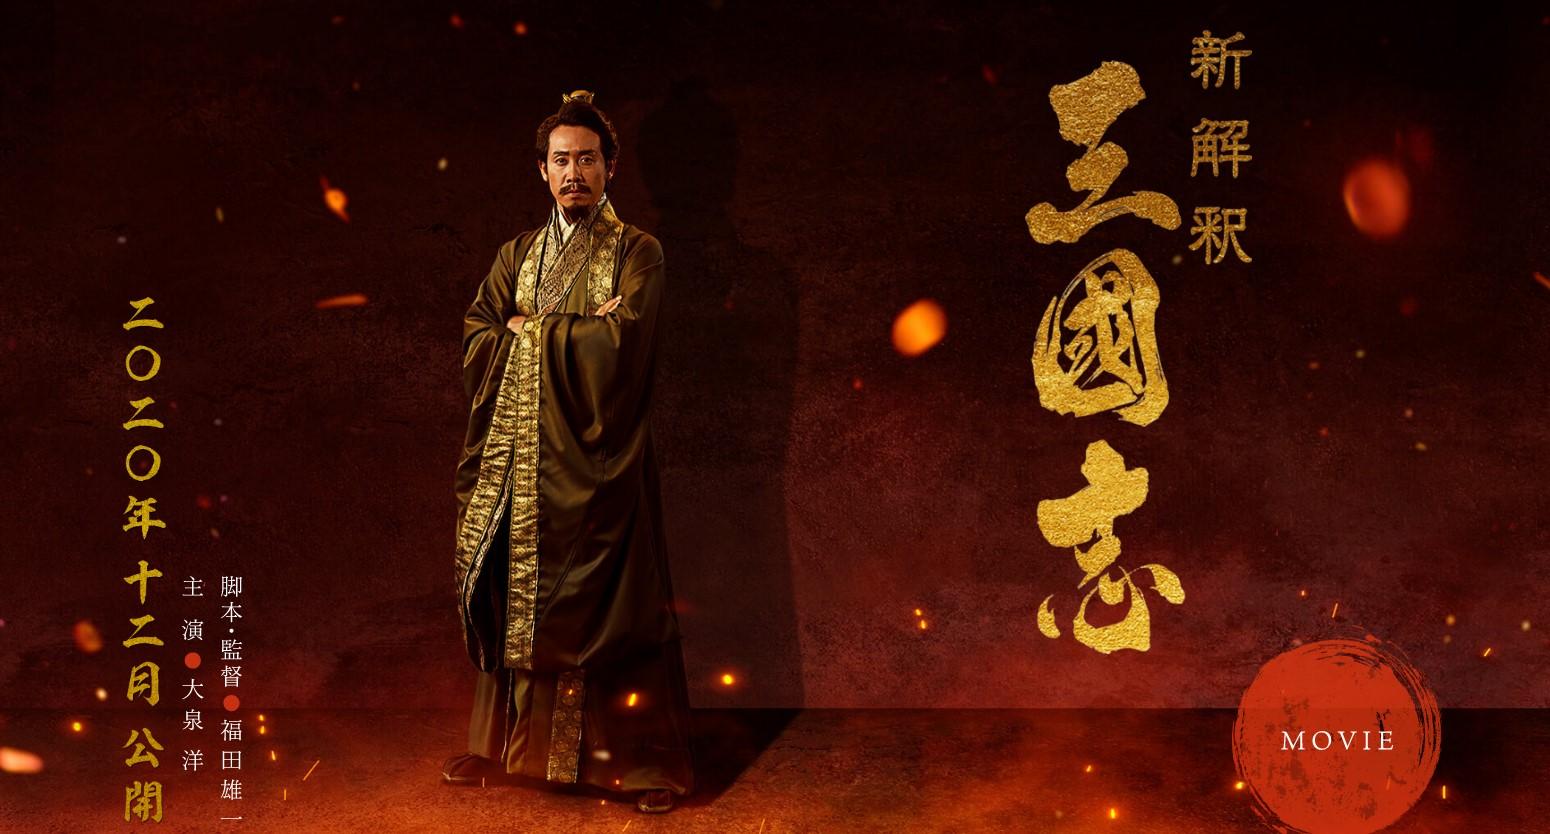 东宝影业《新解释·三国志》公布刘备新造型 明年12月在日本